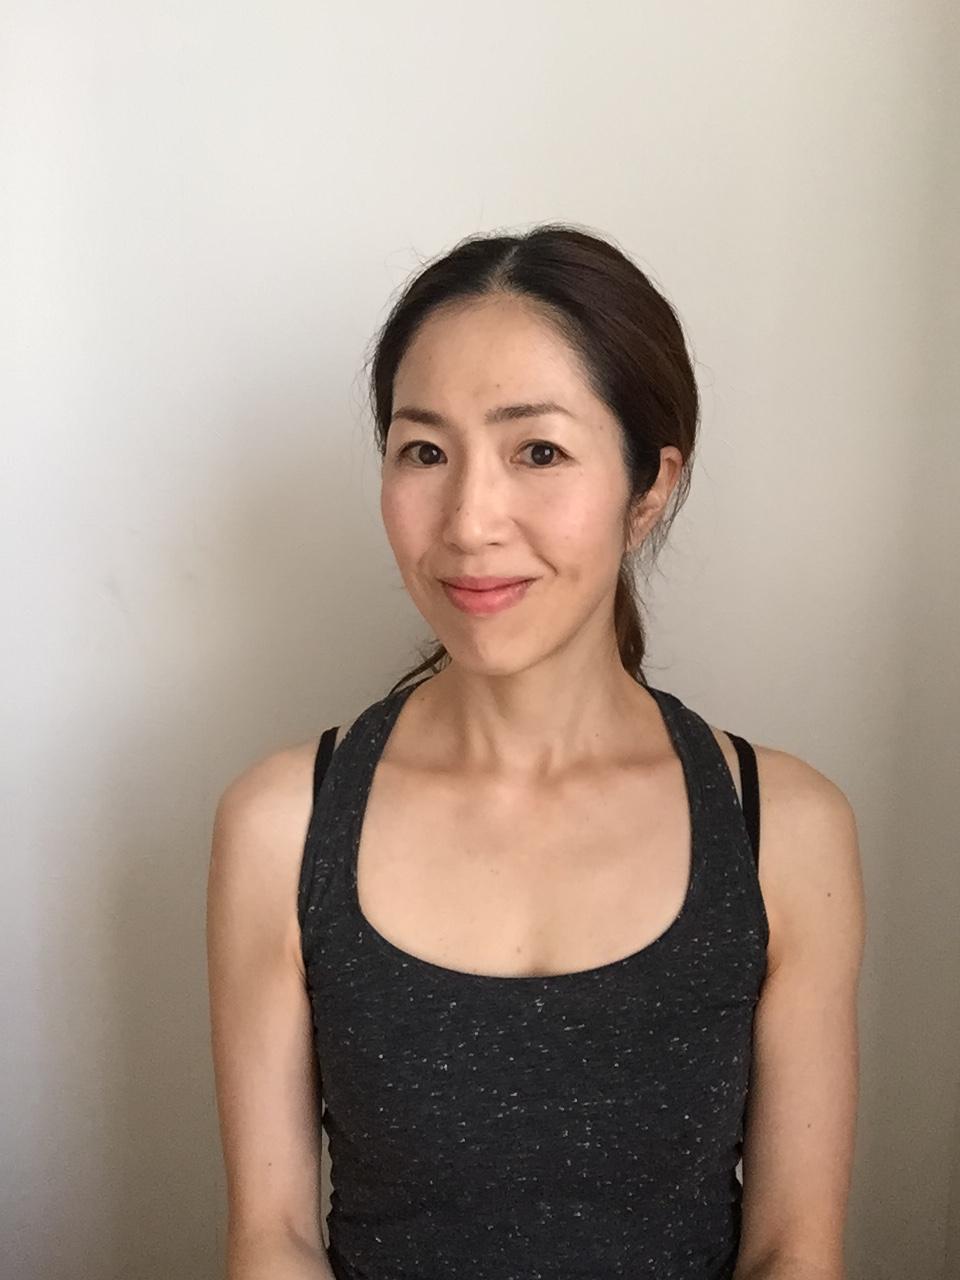 YMC YOGA studio 名古屋店 - Keiko(ケイコ)さんの写真